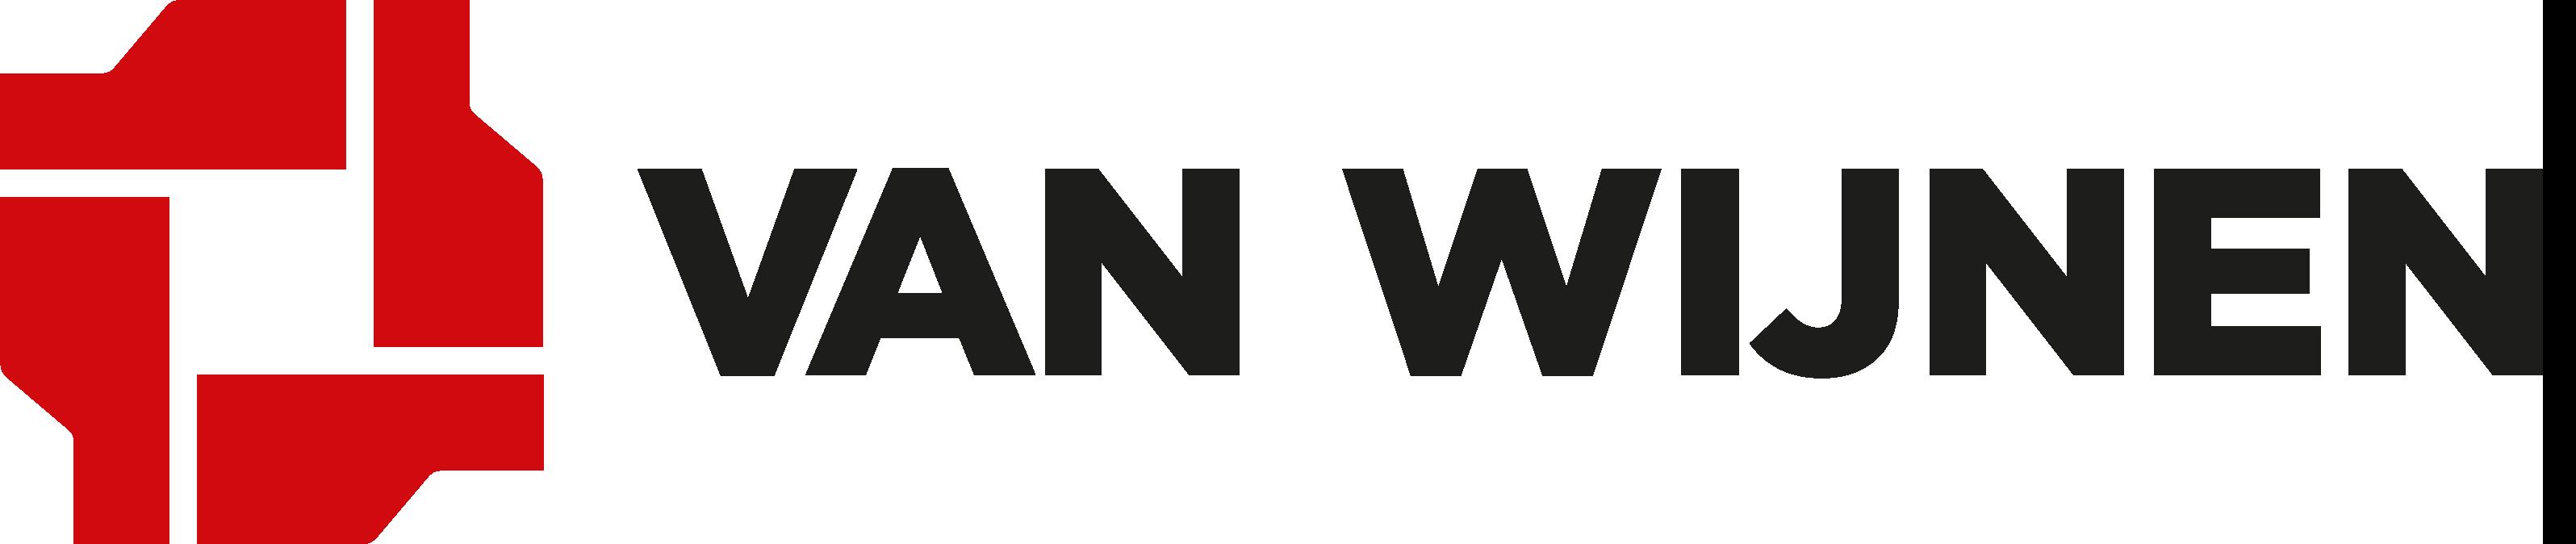 Van Wijnen West BV